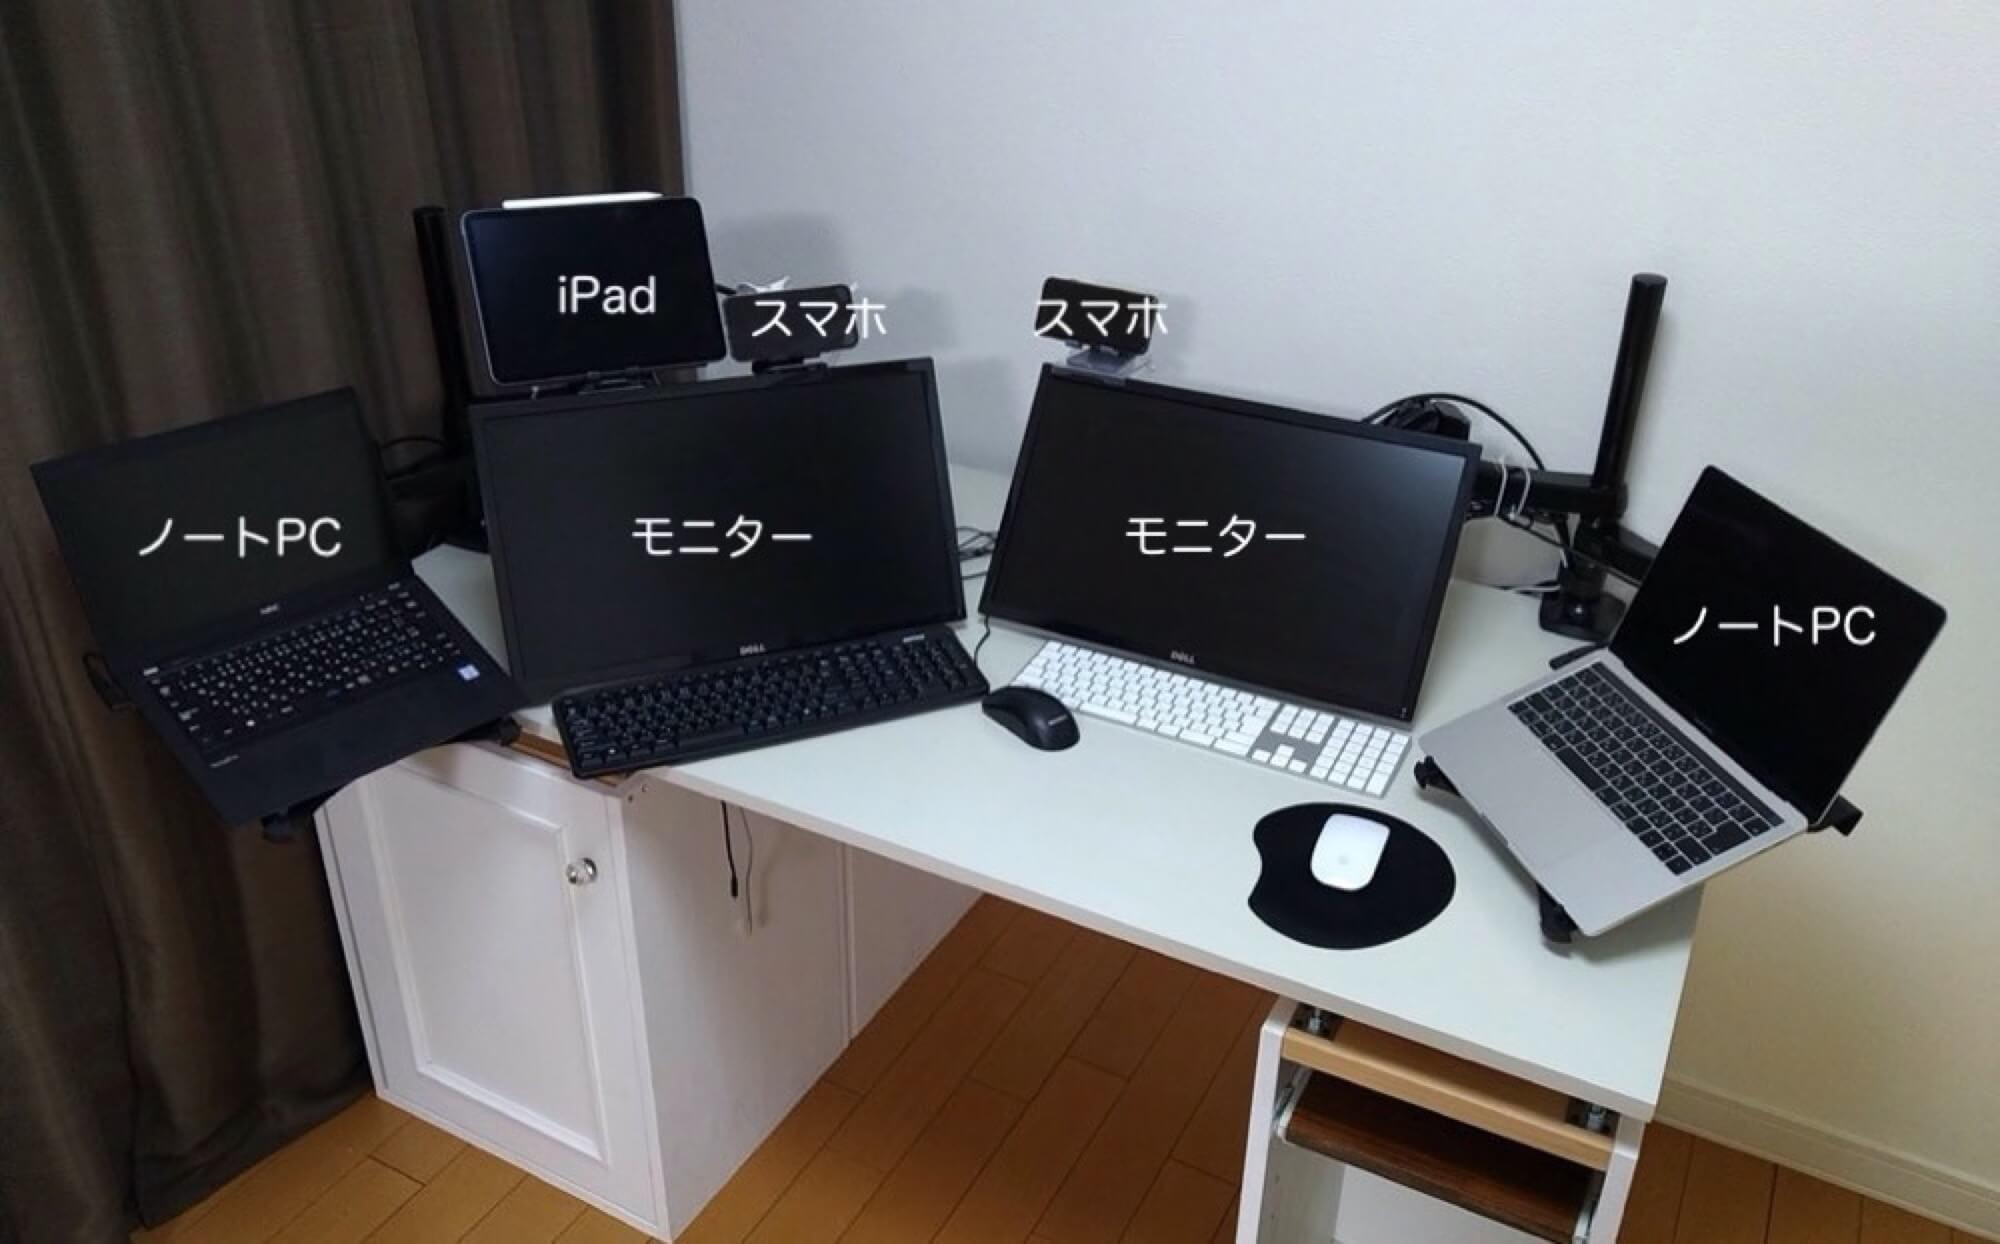 モニターが多すぎ!モニター&ノートPC用アームとダイソーのスマホホルダーで机を快適に